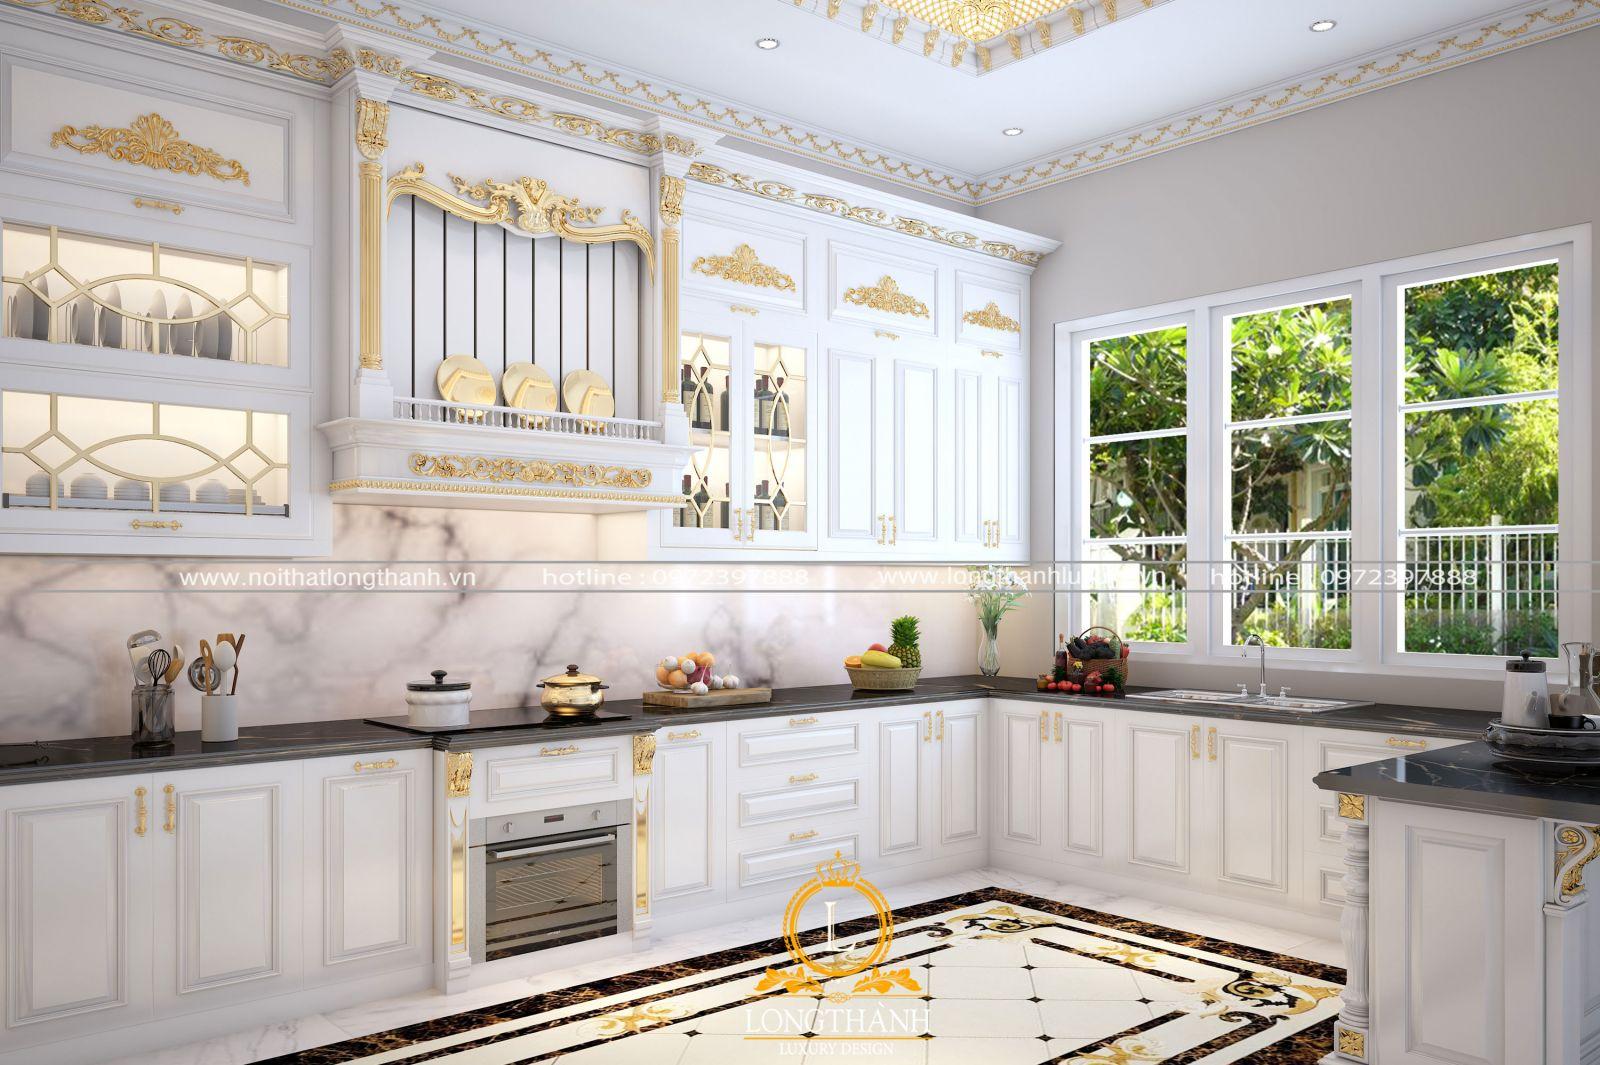 Mẫu thiết kế tủ bếp mang đến sự tiện nghi cho chủ nhân